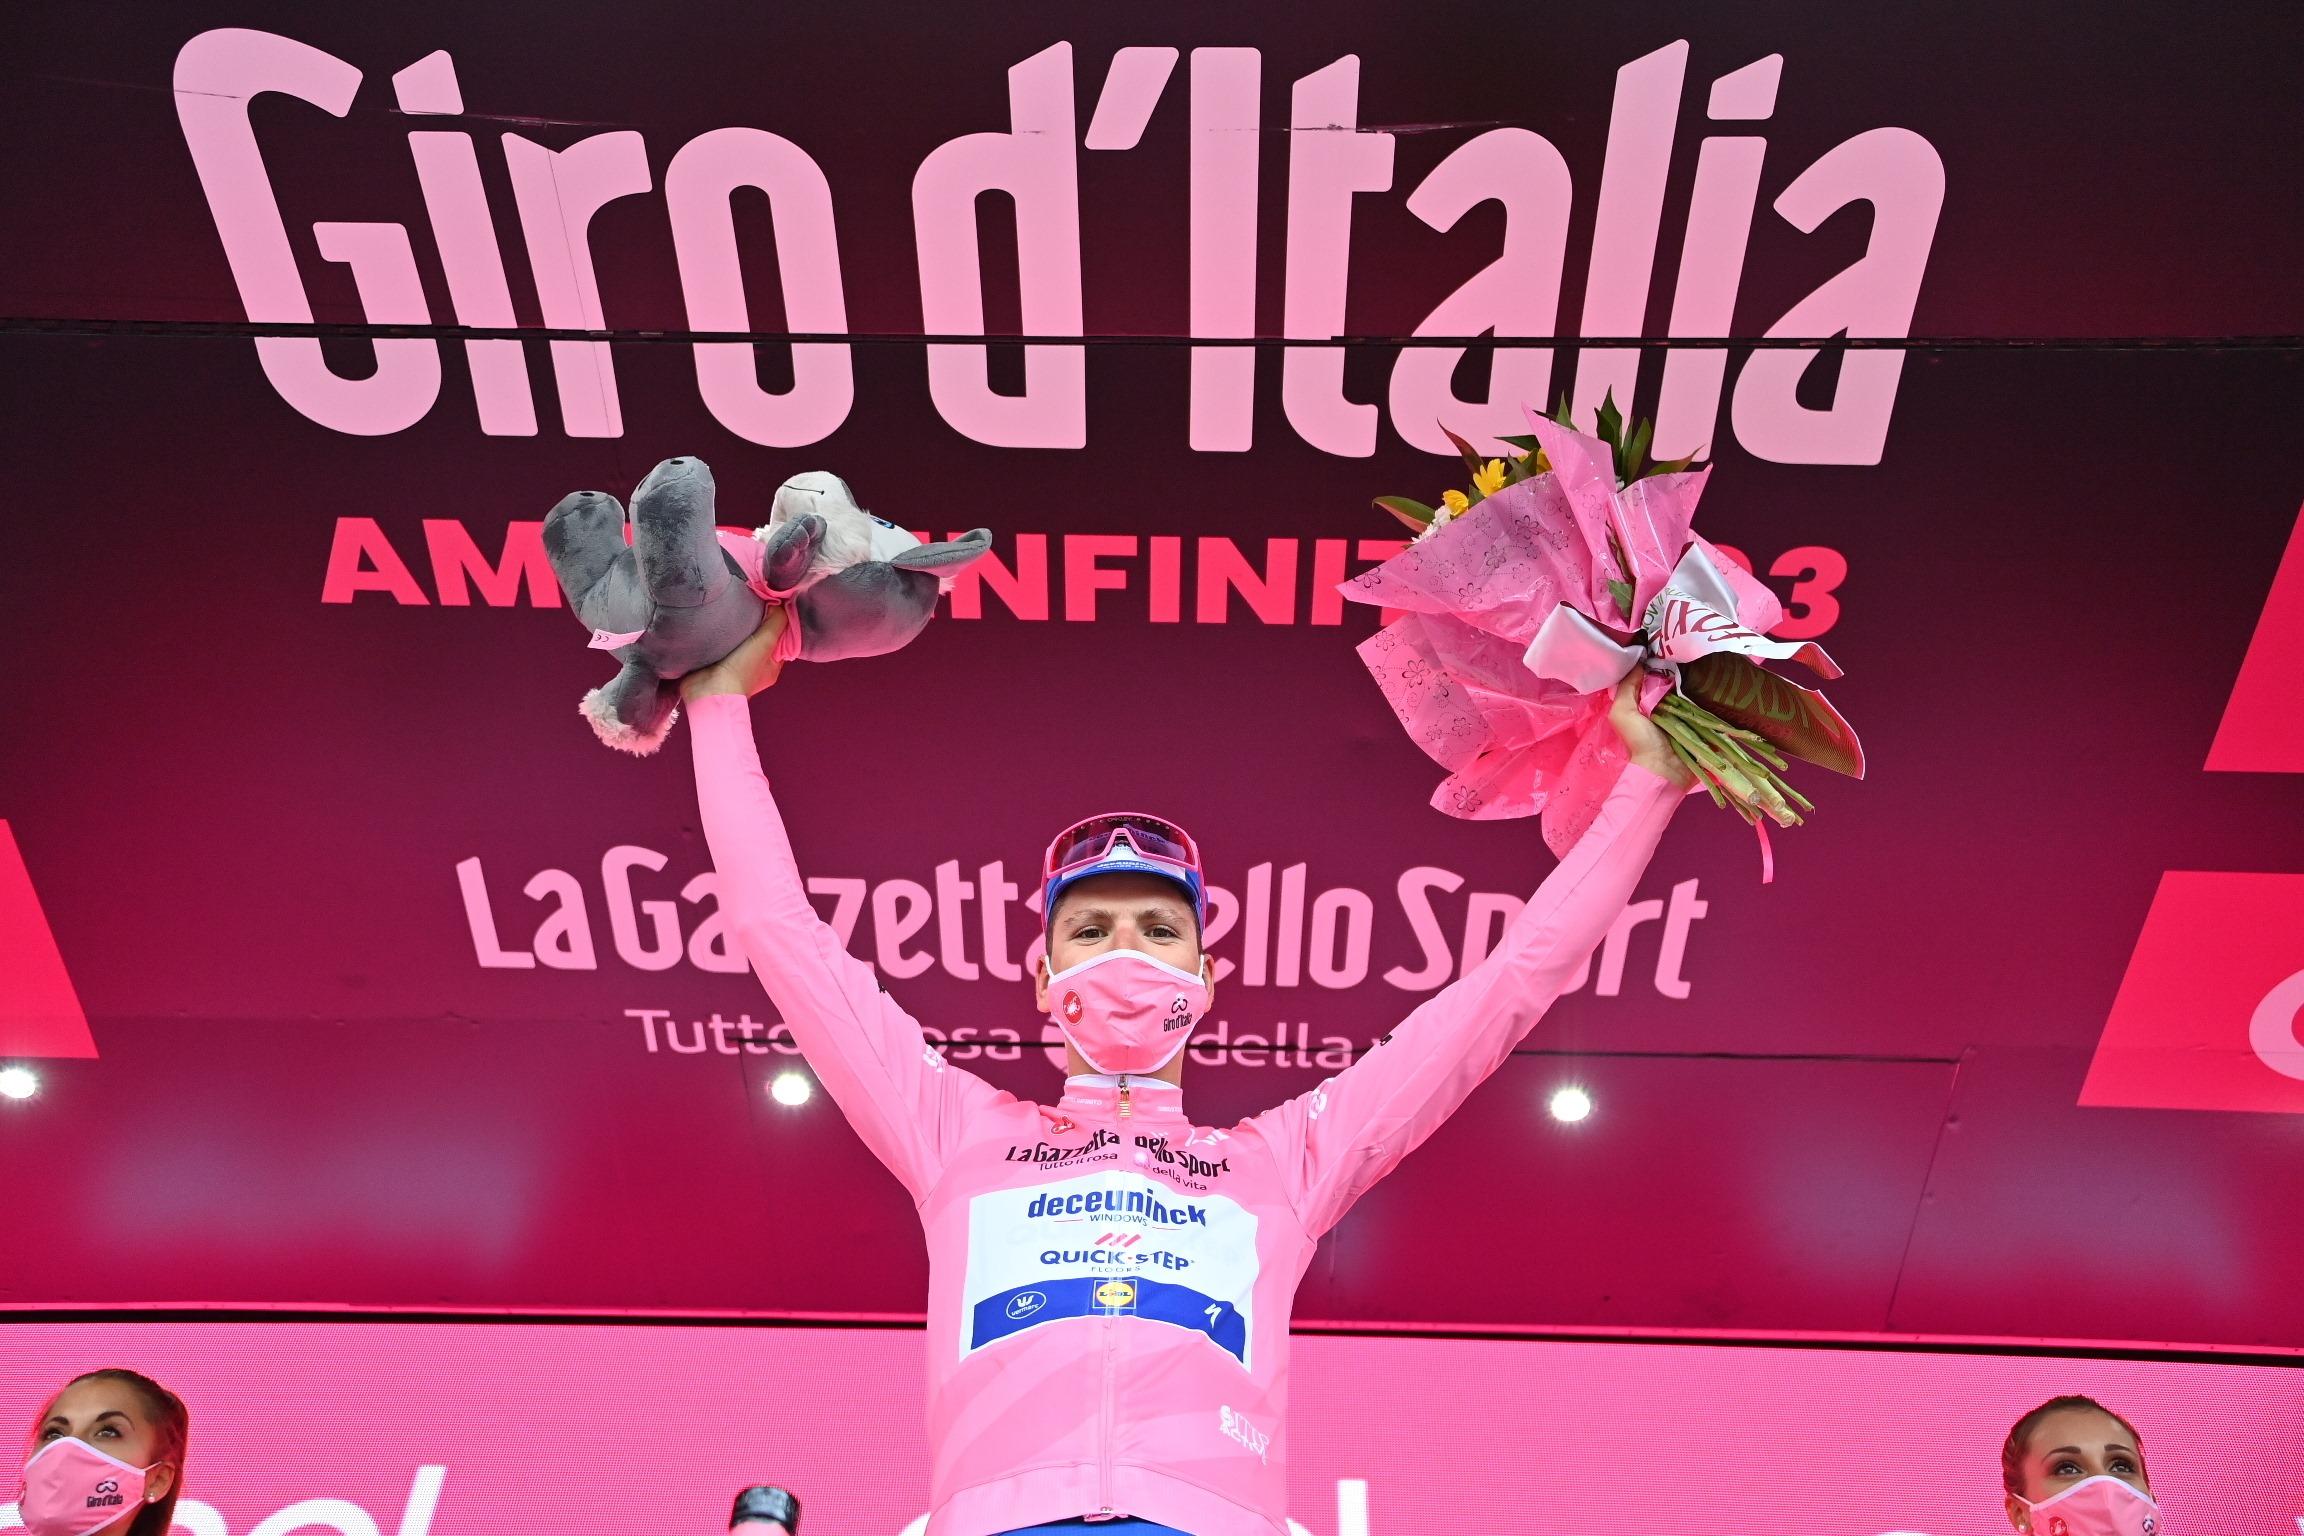 giro ditalia 7 - Radio e Tv. Giro d'Italia: le meraviglie del Belpase in Rosa mostrate e raccontate dalla Radio e dalla Televisione